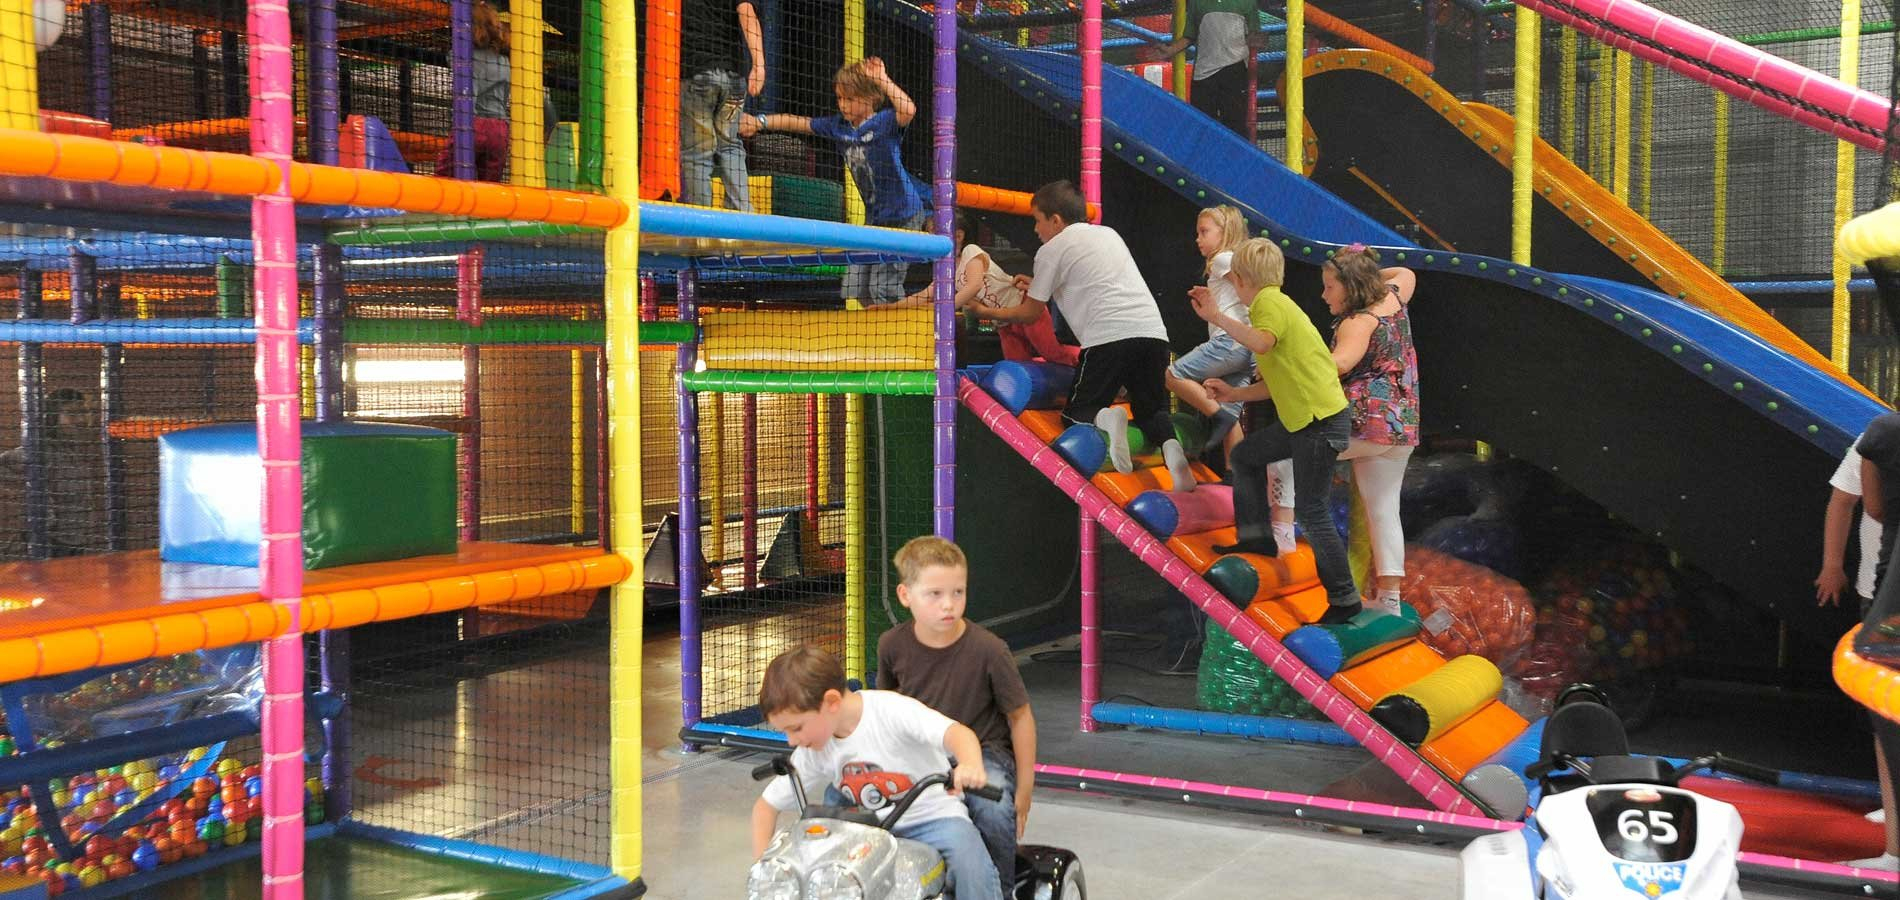 Kidoom, Parc De Jeux Pour Enfants À Châlons-En-Champagne dedans Jeux Pour Jeunes Enfants